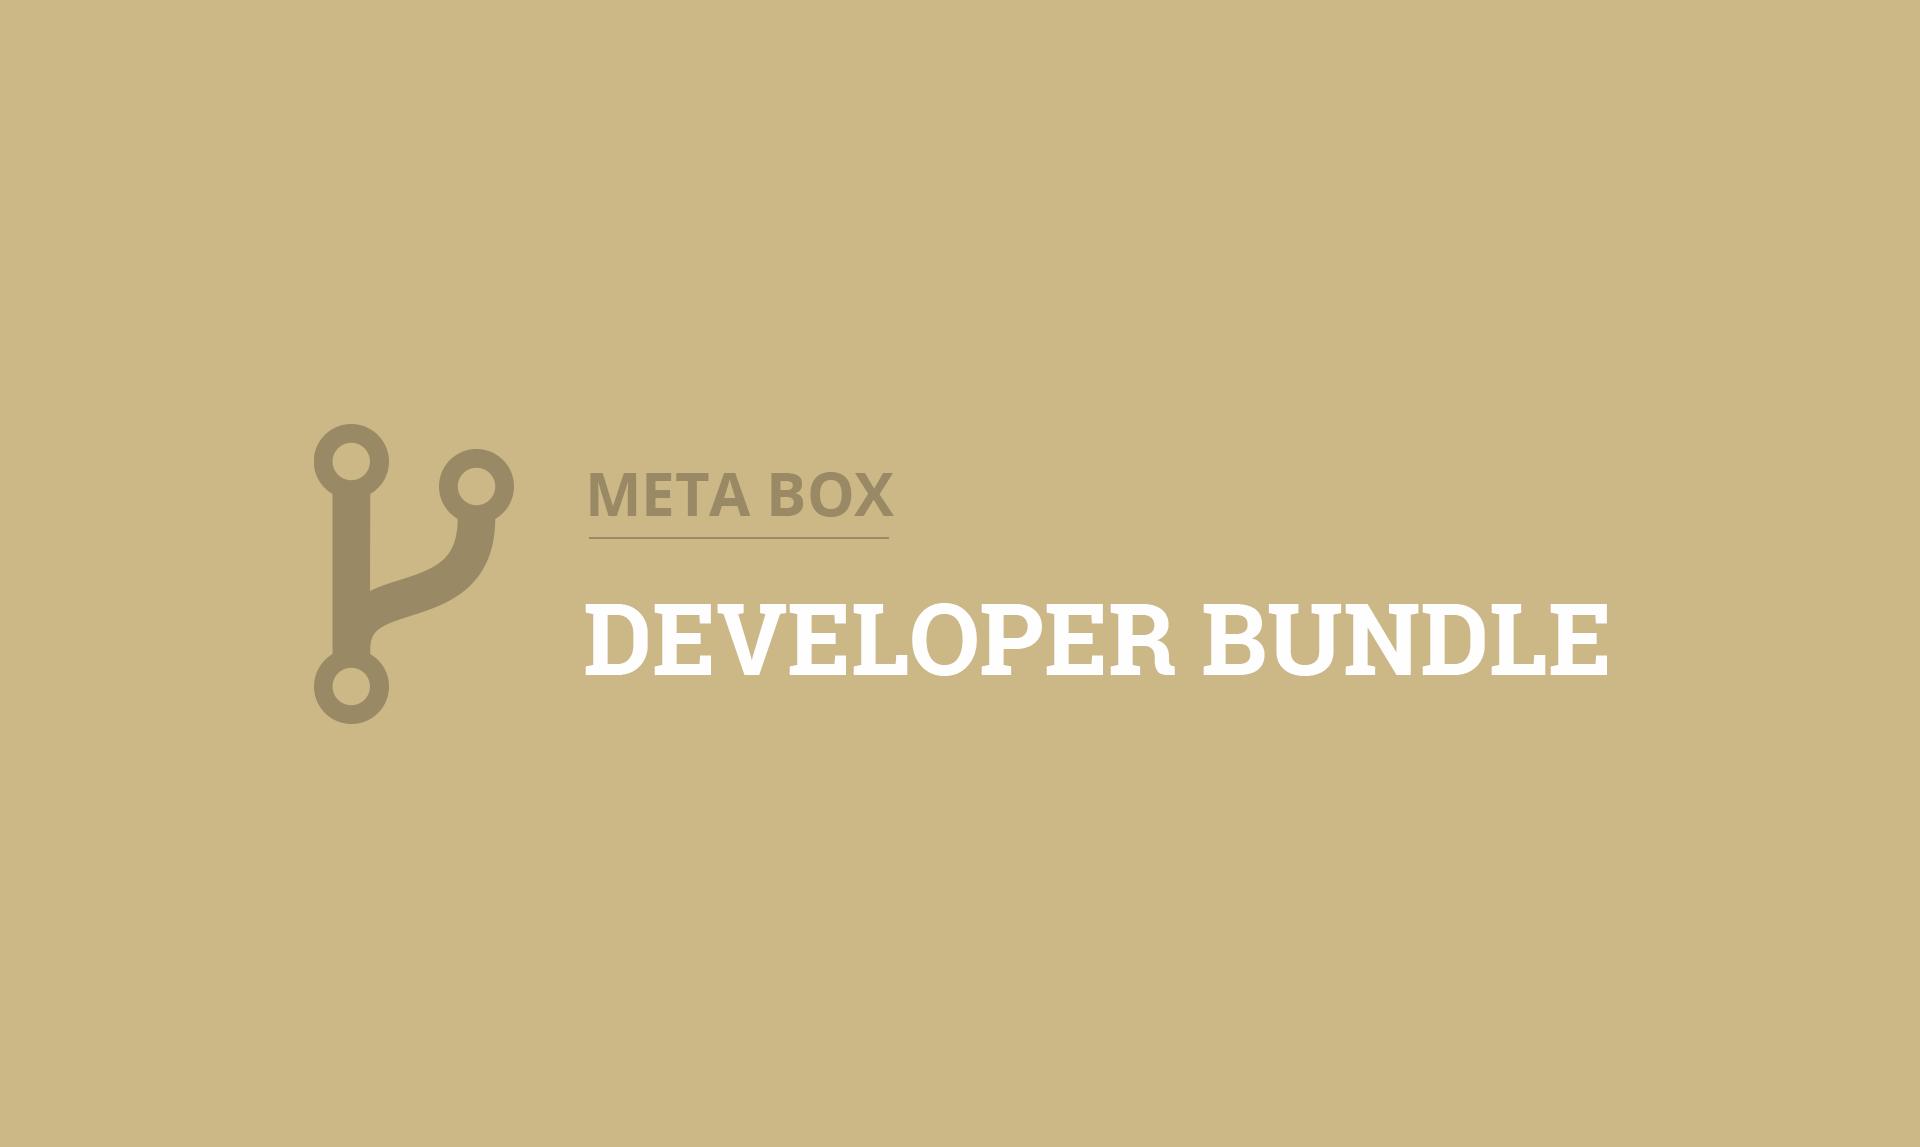 Developer Bundle